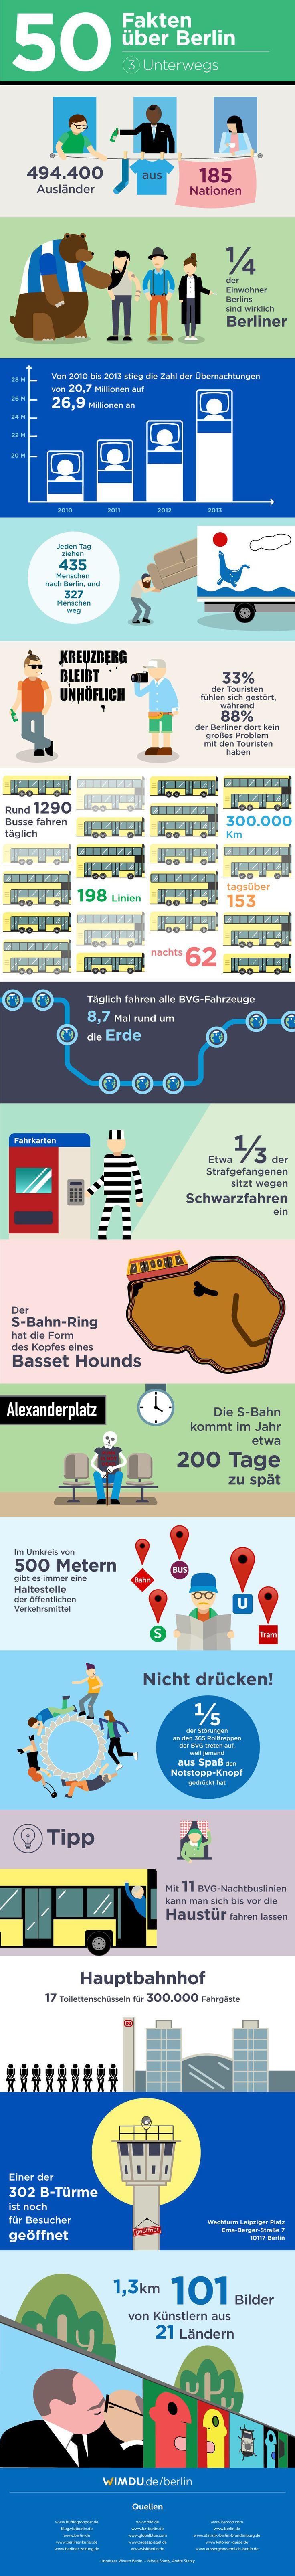 infografik-berlin-facts-klonblog4